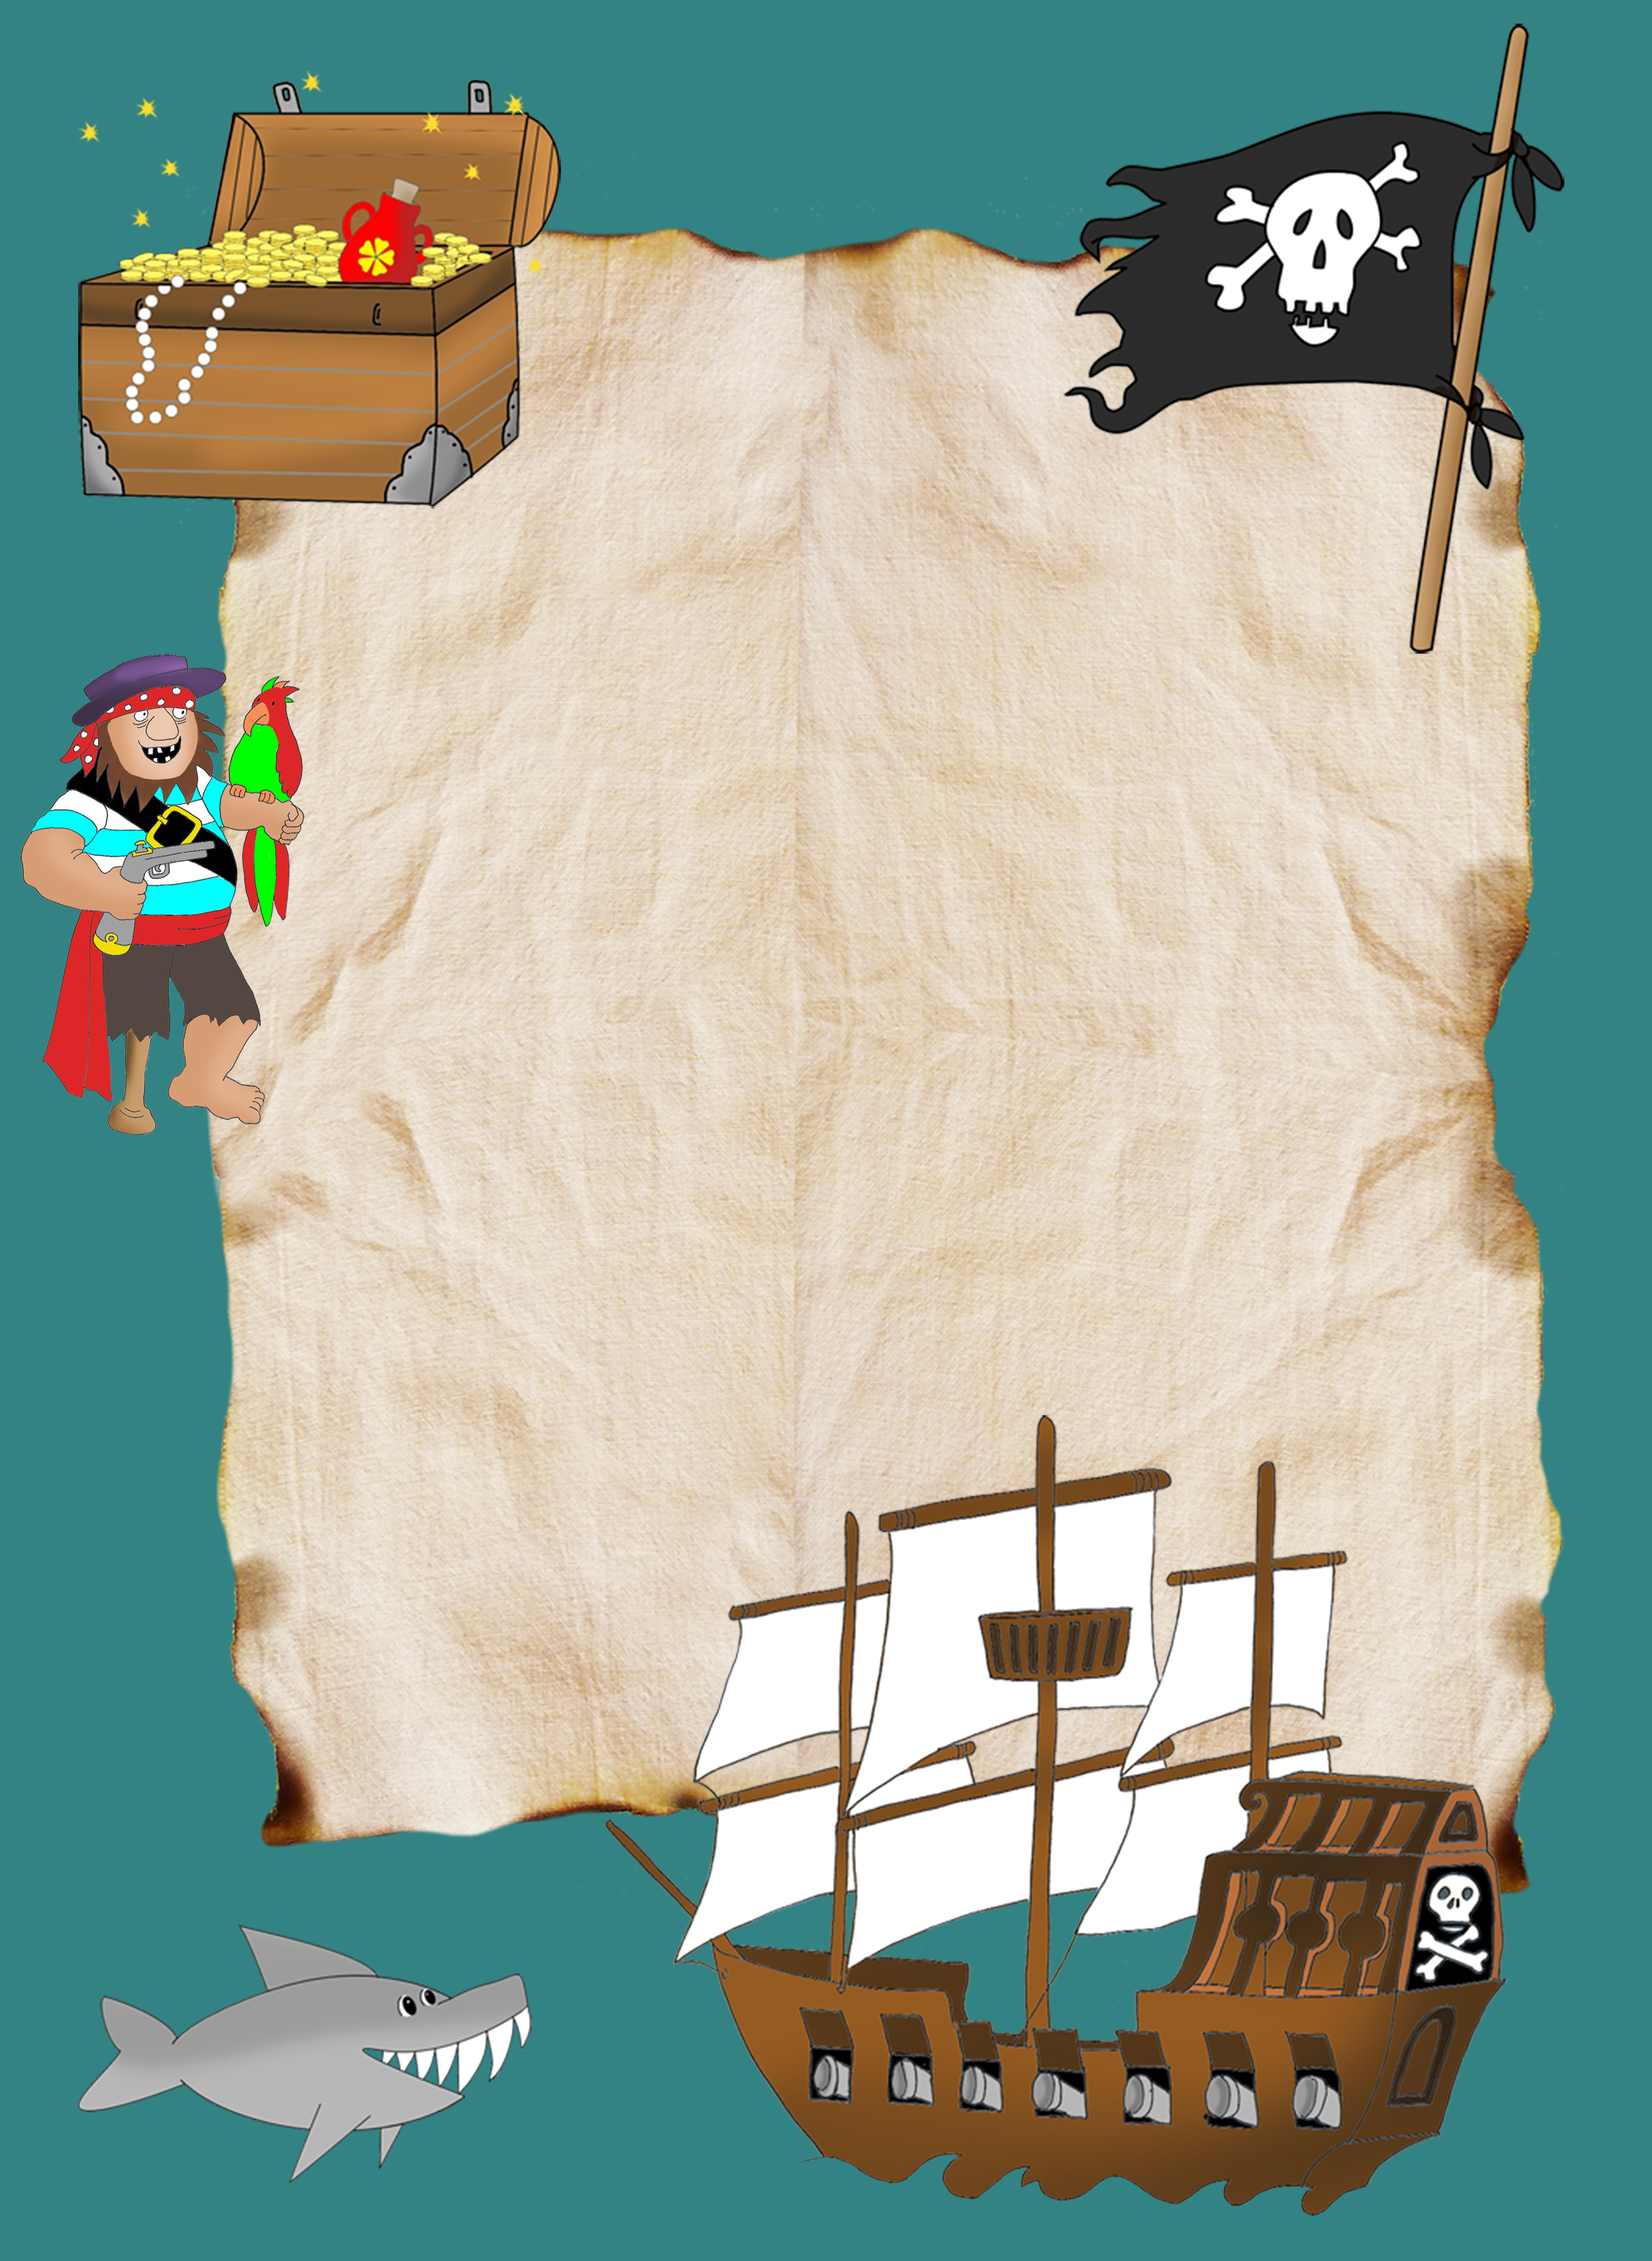 pirate treasure hunt map